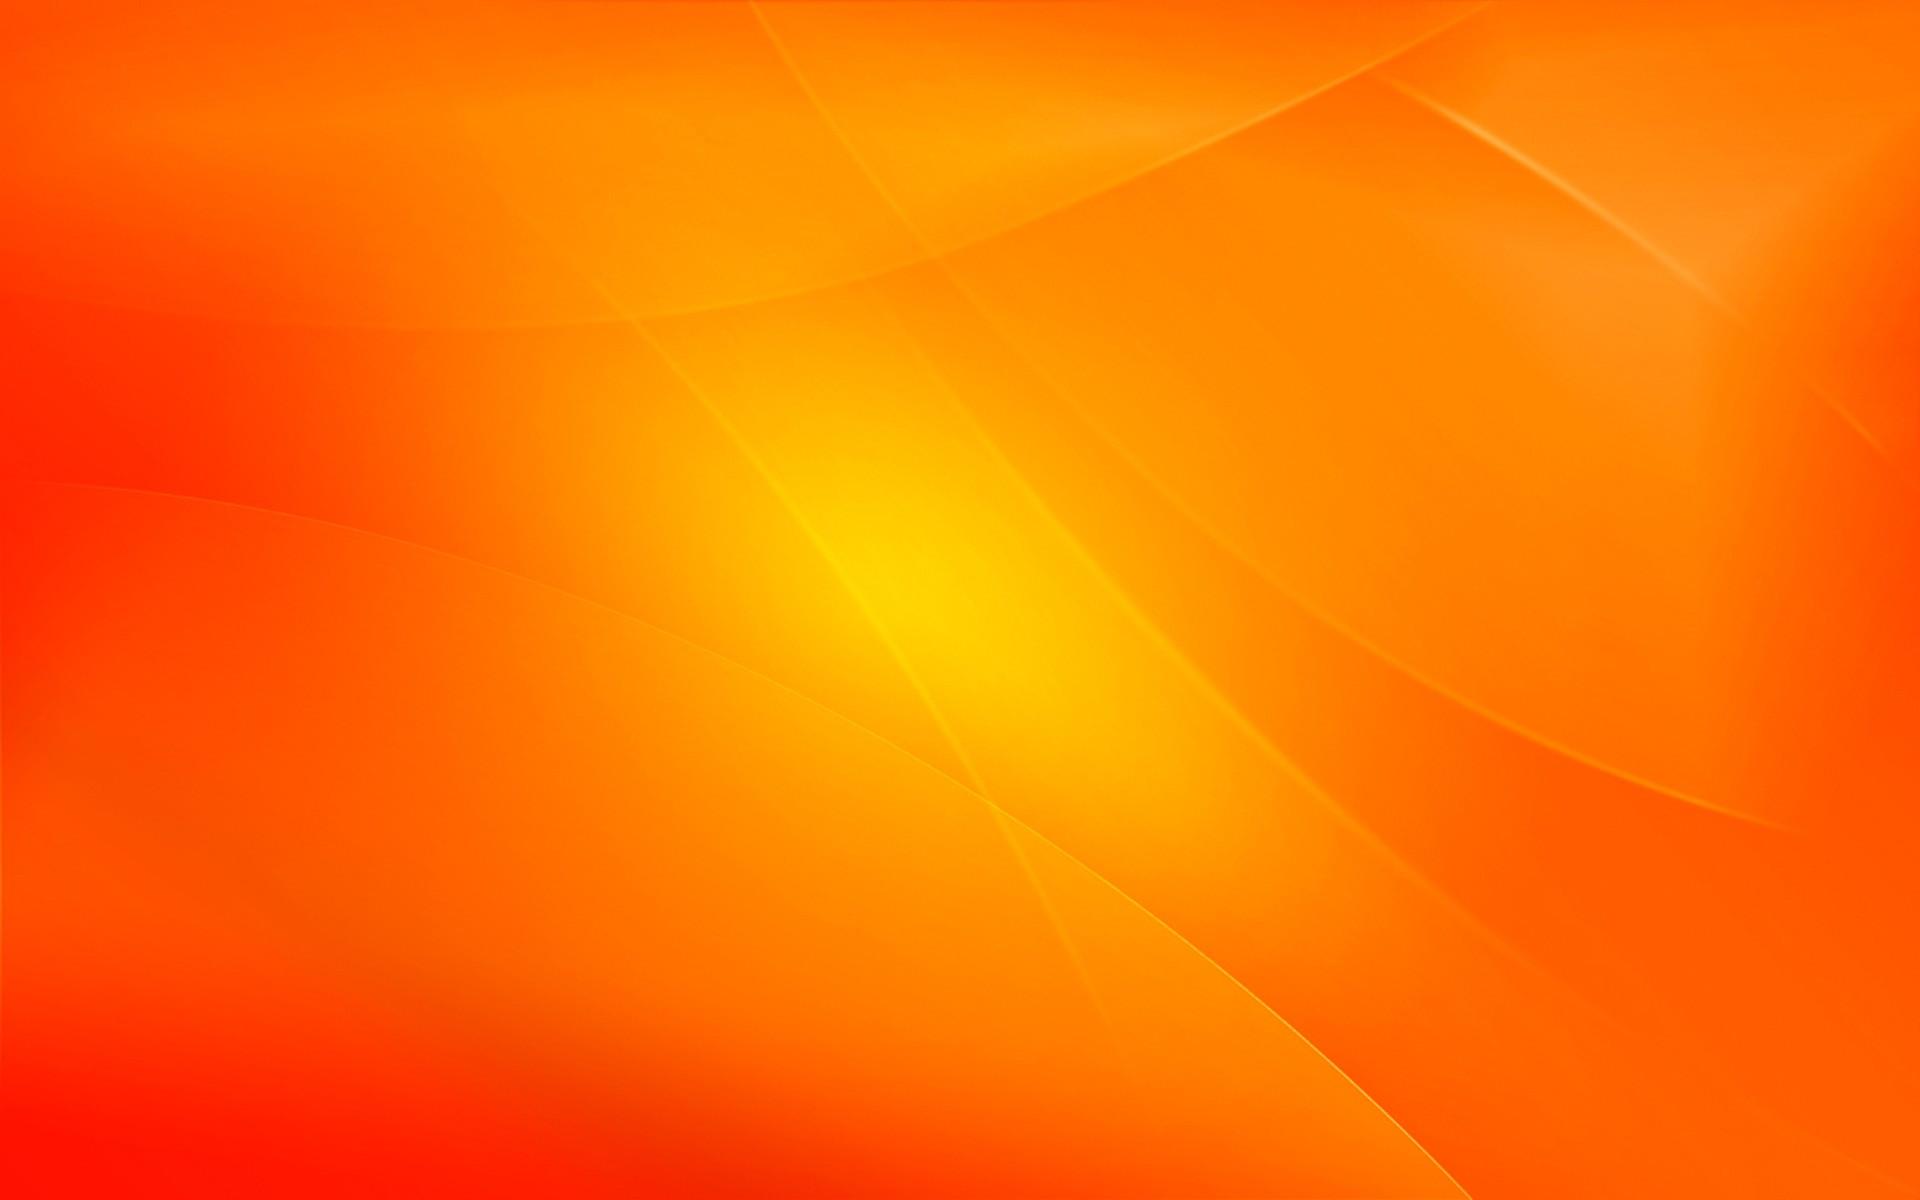 Orange Background Related Keywords amp Suggestions   Orange 1920x1200